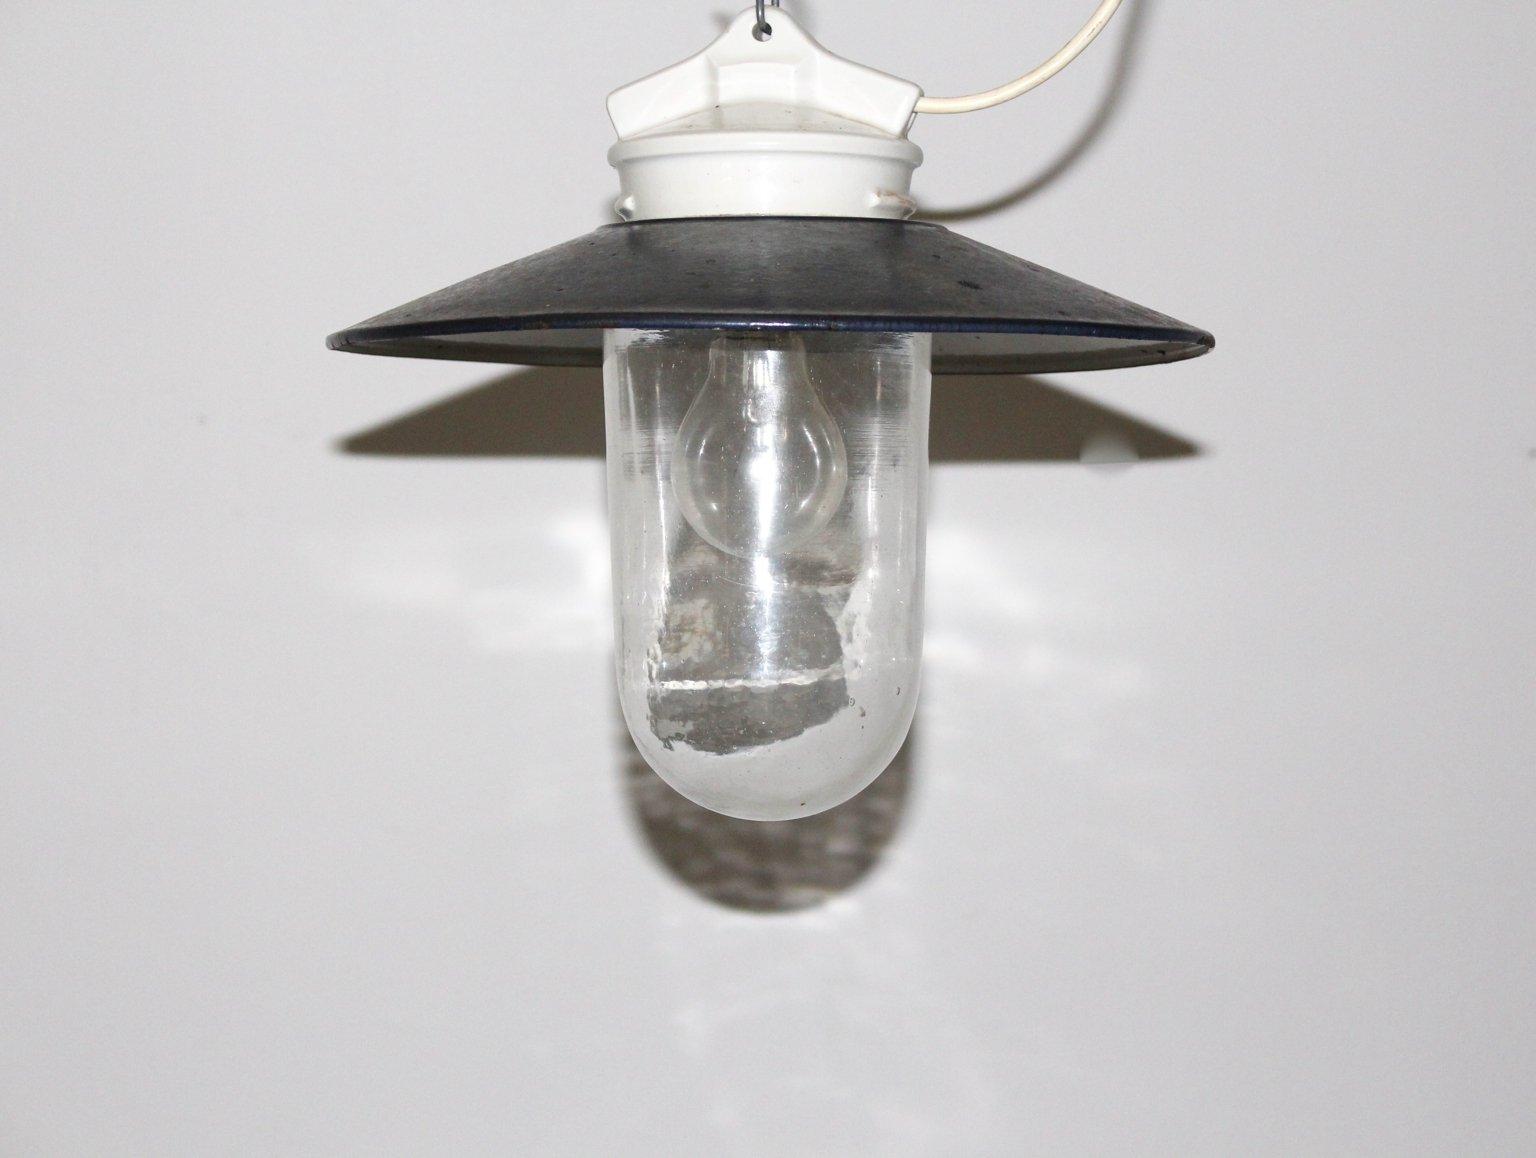 Industrielle Deckenlampe, 1960er